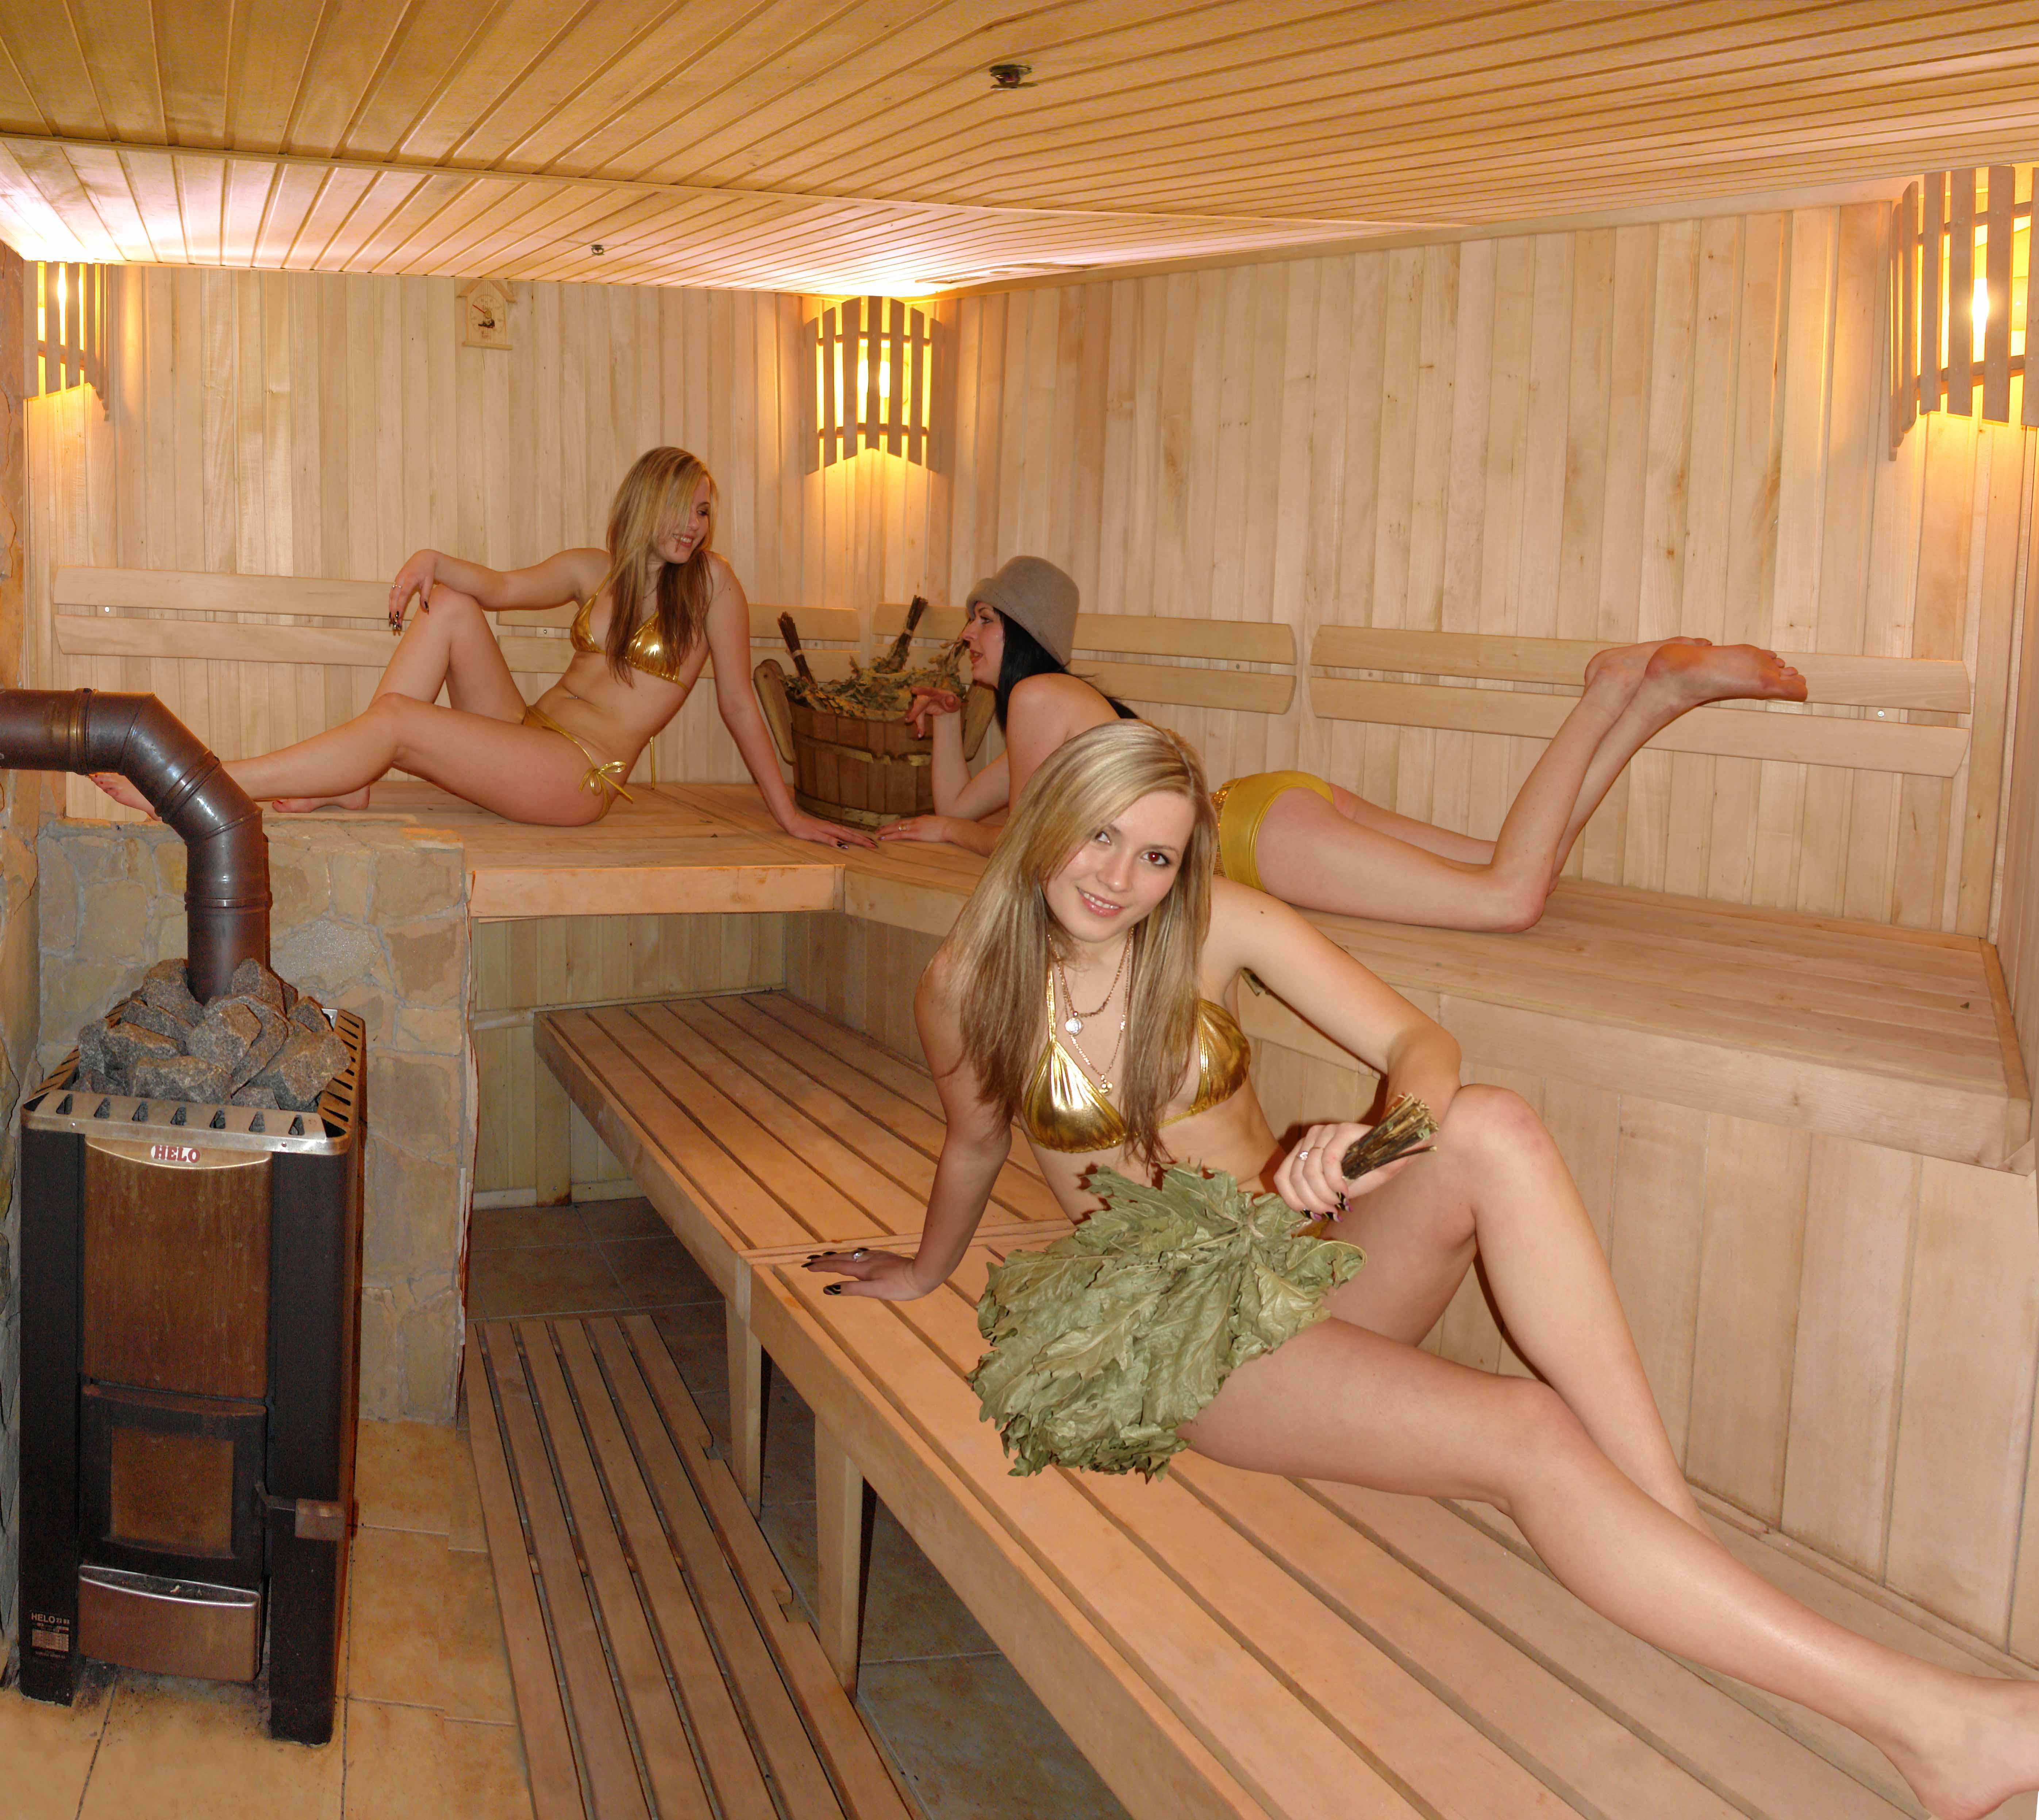 Русская девушка в бане 14 фотография